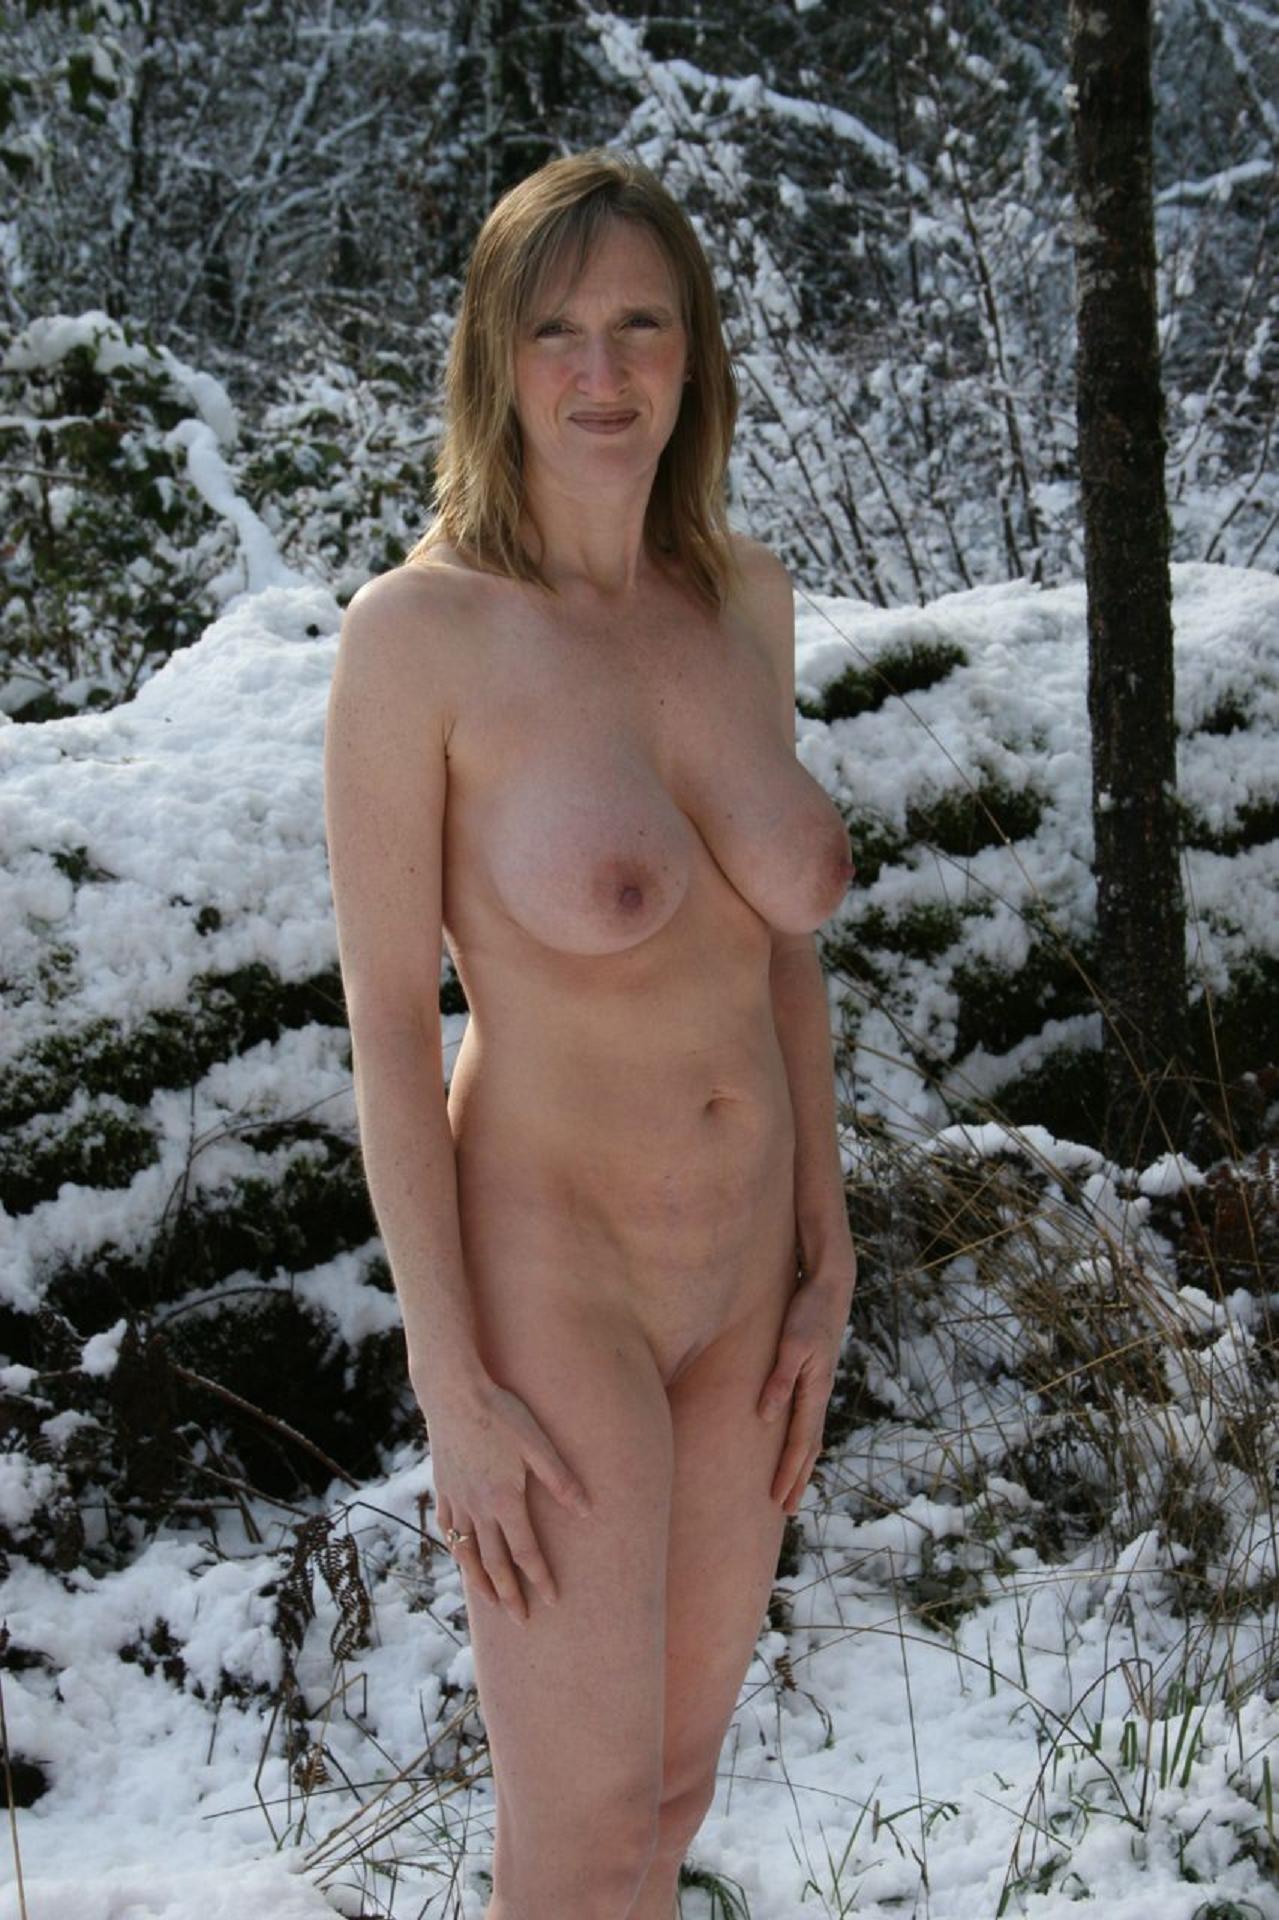 Девушки на снегу (ты их согрей руками) - компиляция 6